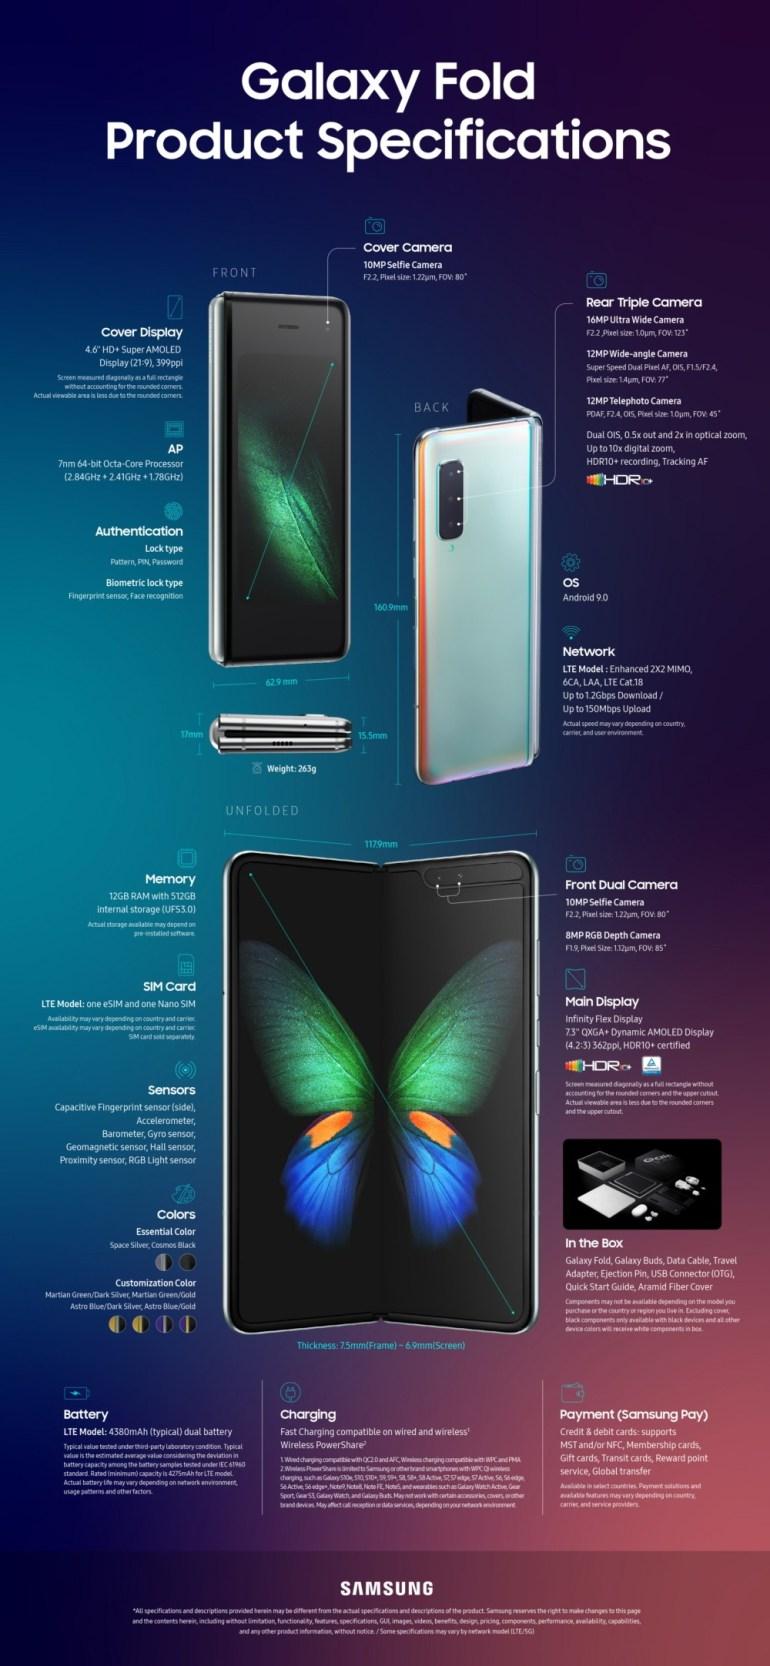 Samsung Galaxy Fold готовится выйти в свет: стильная промо-кампания и первые отзывы зарубежных СМИ